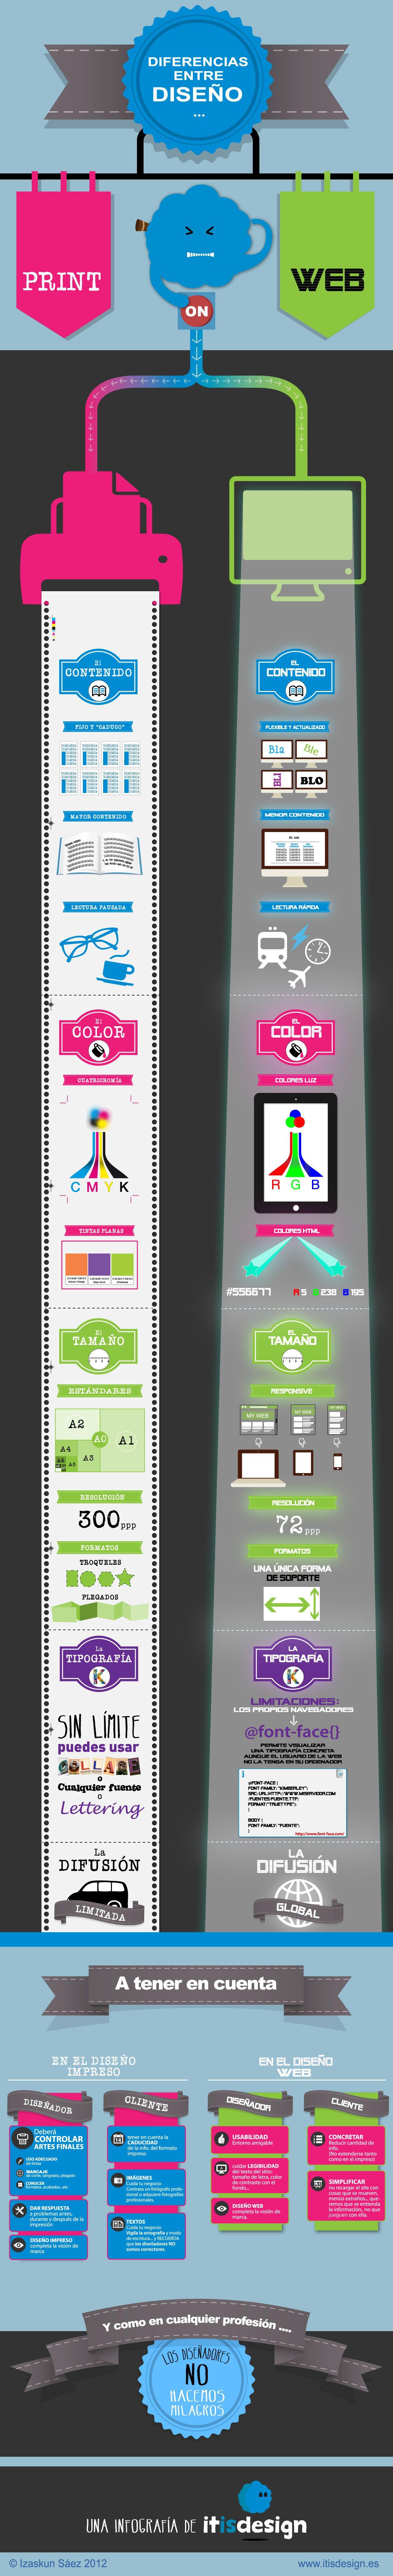 Diseño print vs Diseño web vía @Carlos Navarro García Pascual. Para tenerlo en cuenta.